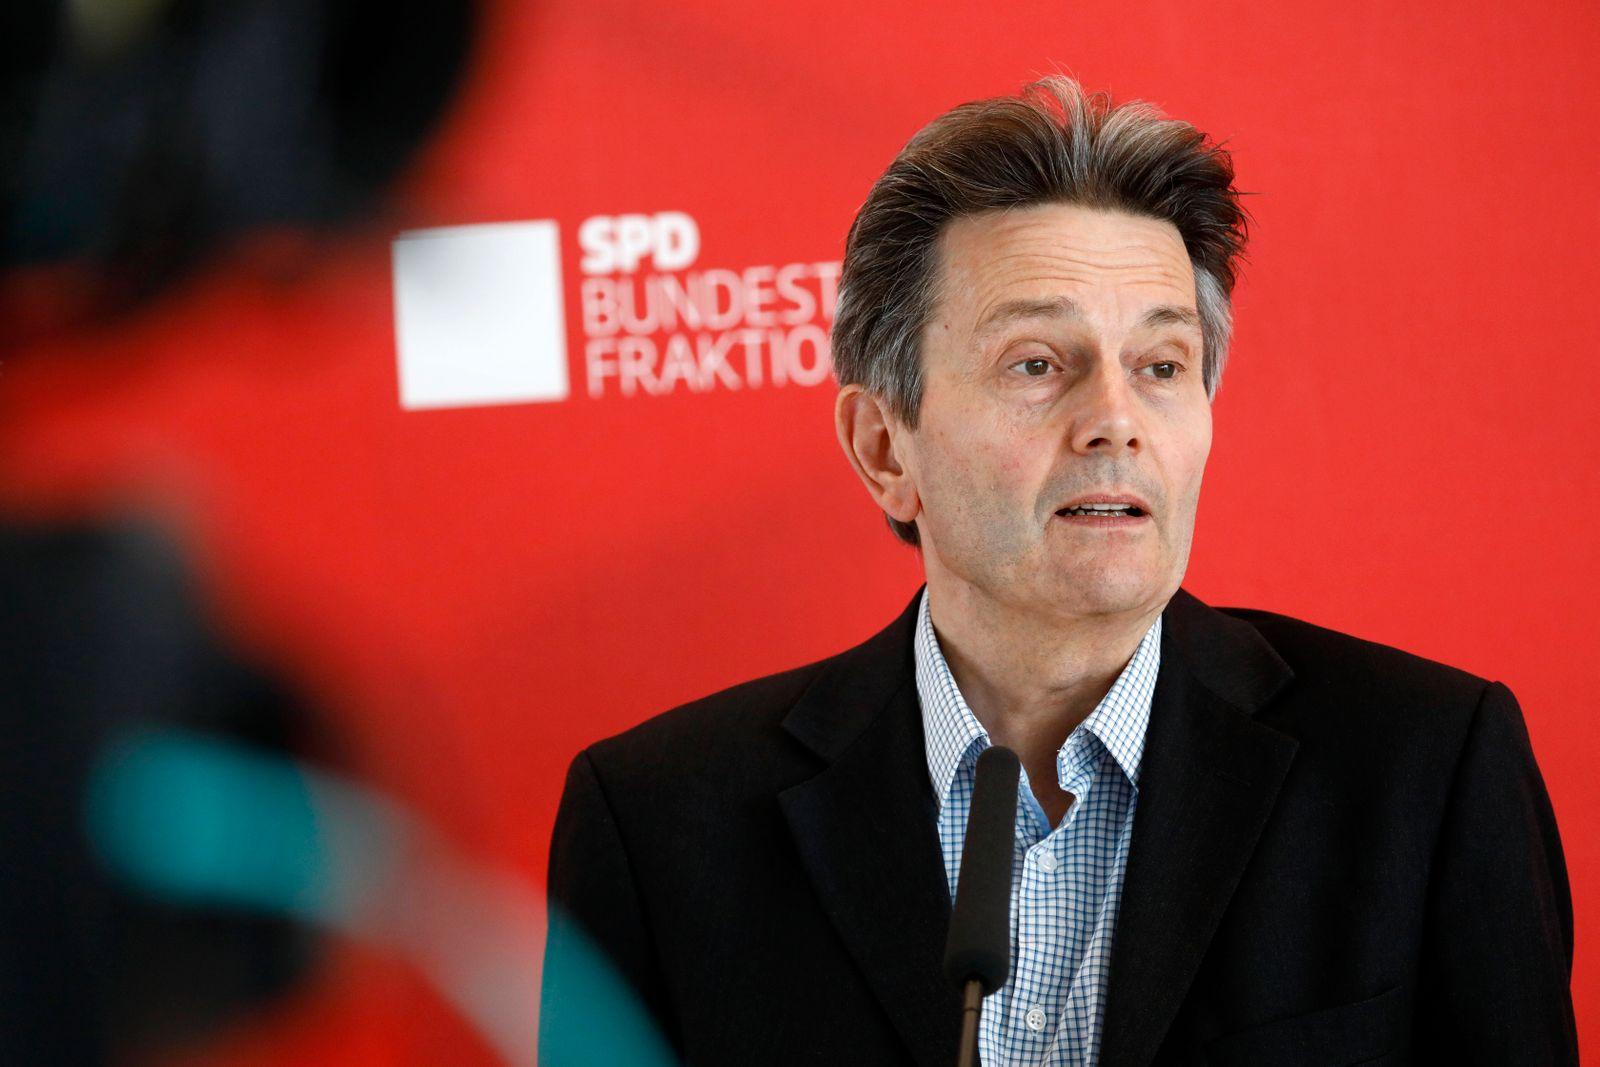 Rolf Mützenich, Vorsitzender der SPD-Bundestagsfraktion, Deutschland, Berlin, Bundestag, SPD Pressekonferenz, 30.06.2020